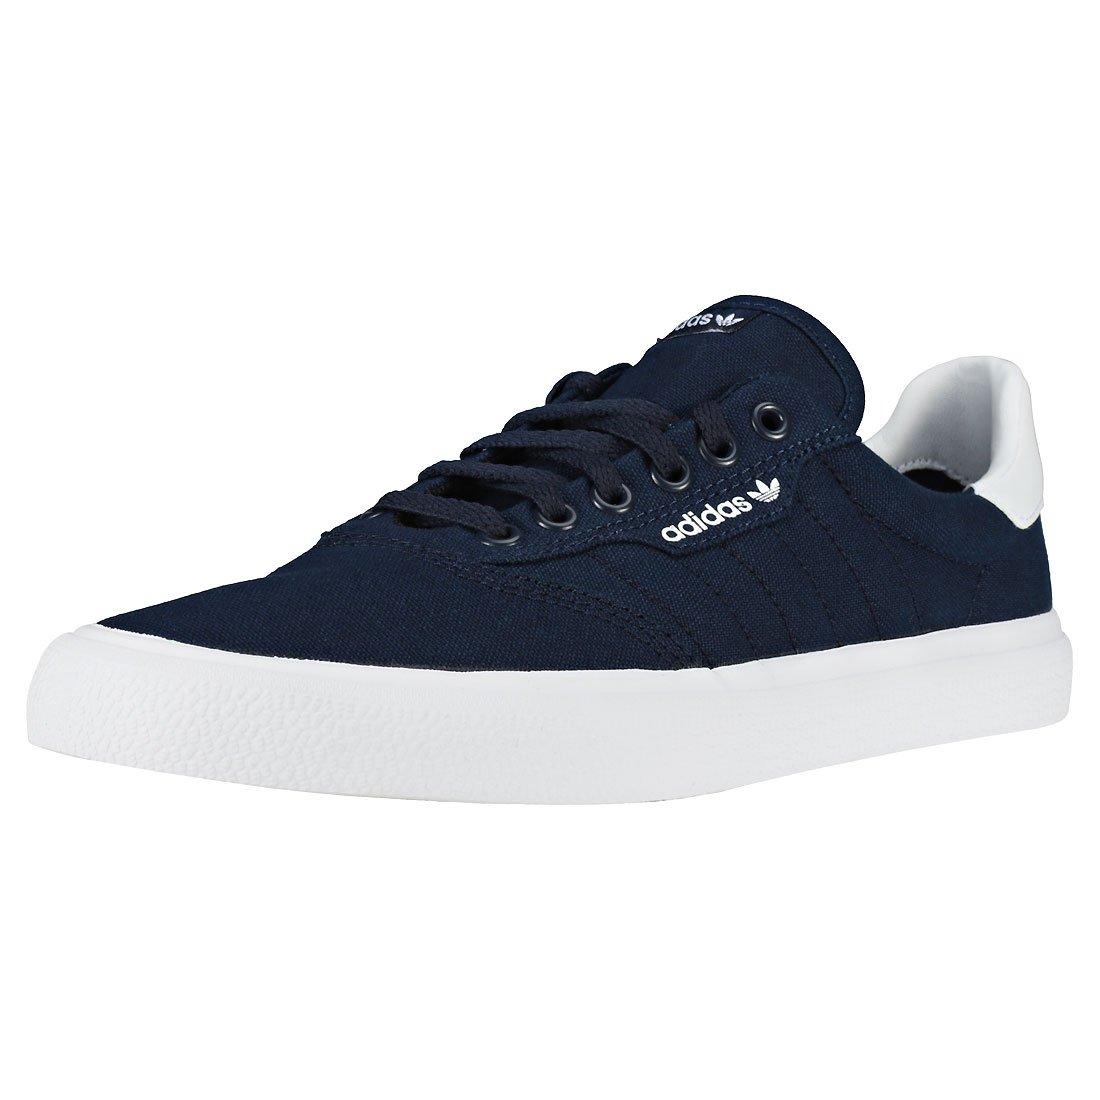 adidas 3mc, Chaussures de Skateboard Mixte Adulte B22707